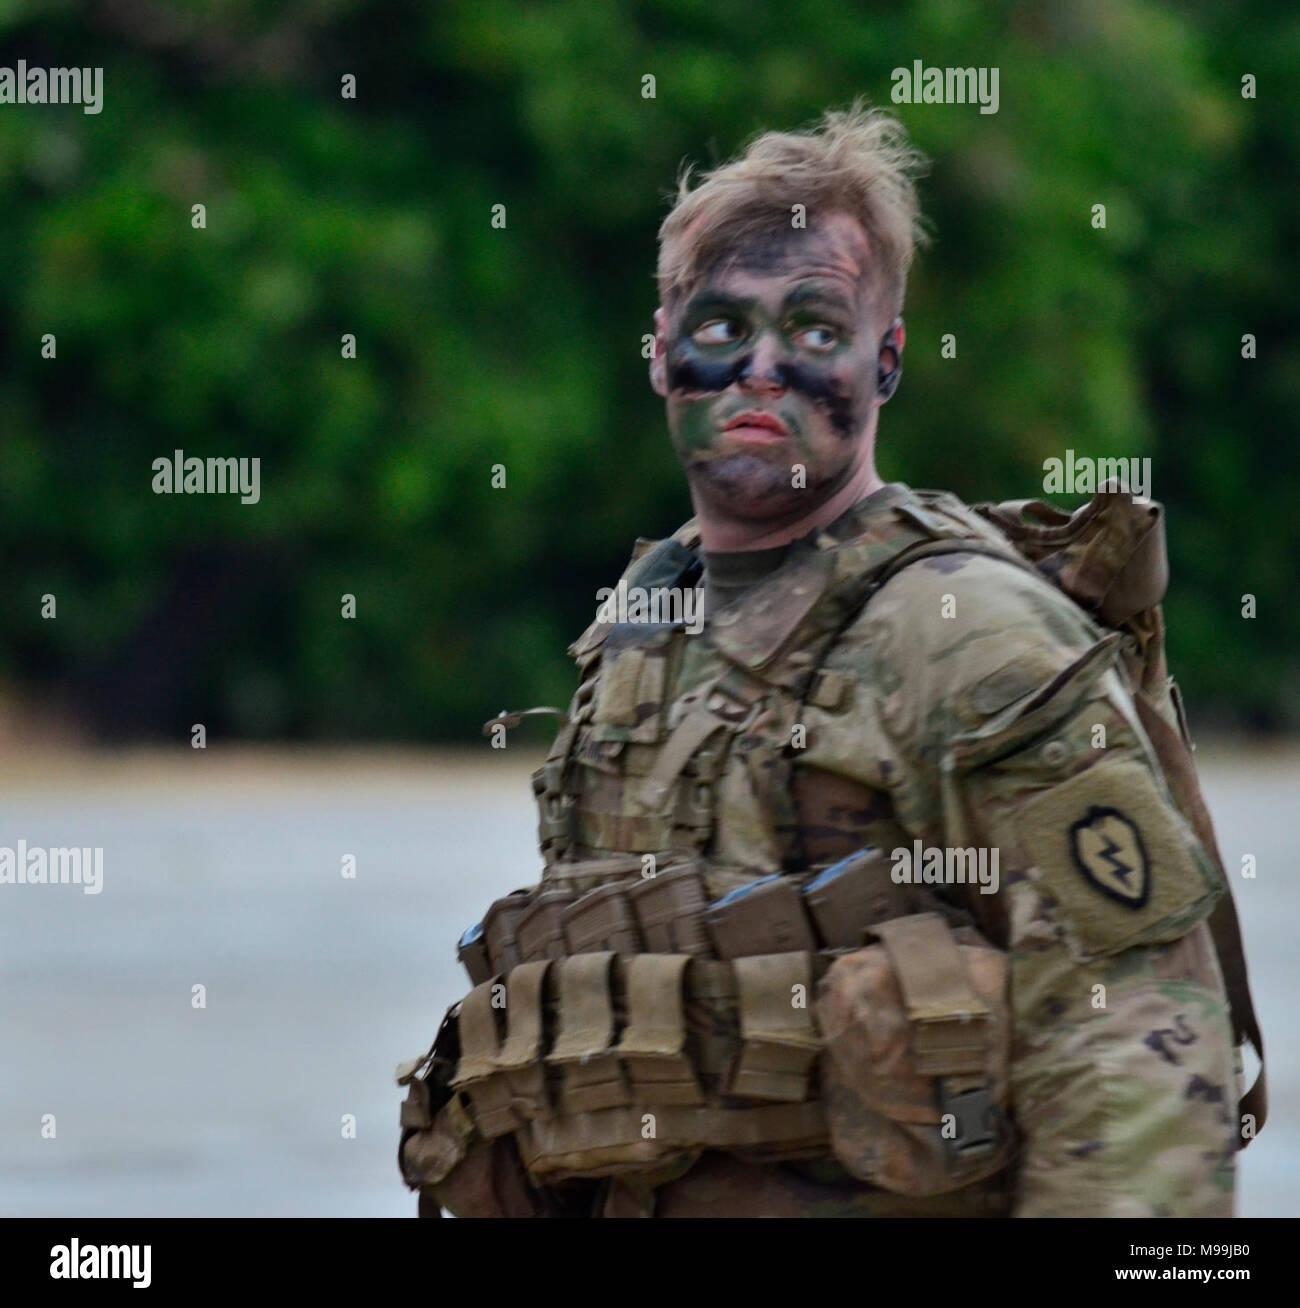 US Army Spc Aaron Hanna An Infantryman With Alpha Company 1st Battalion